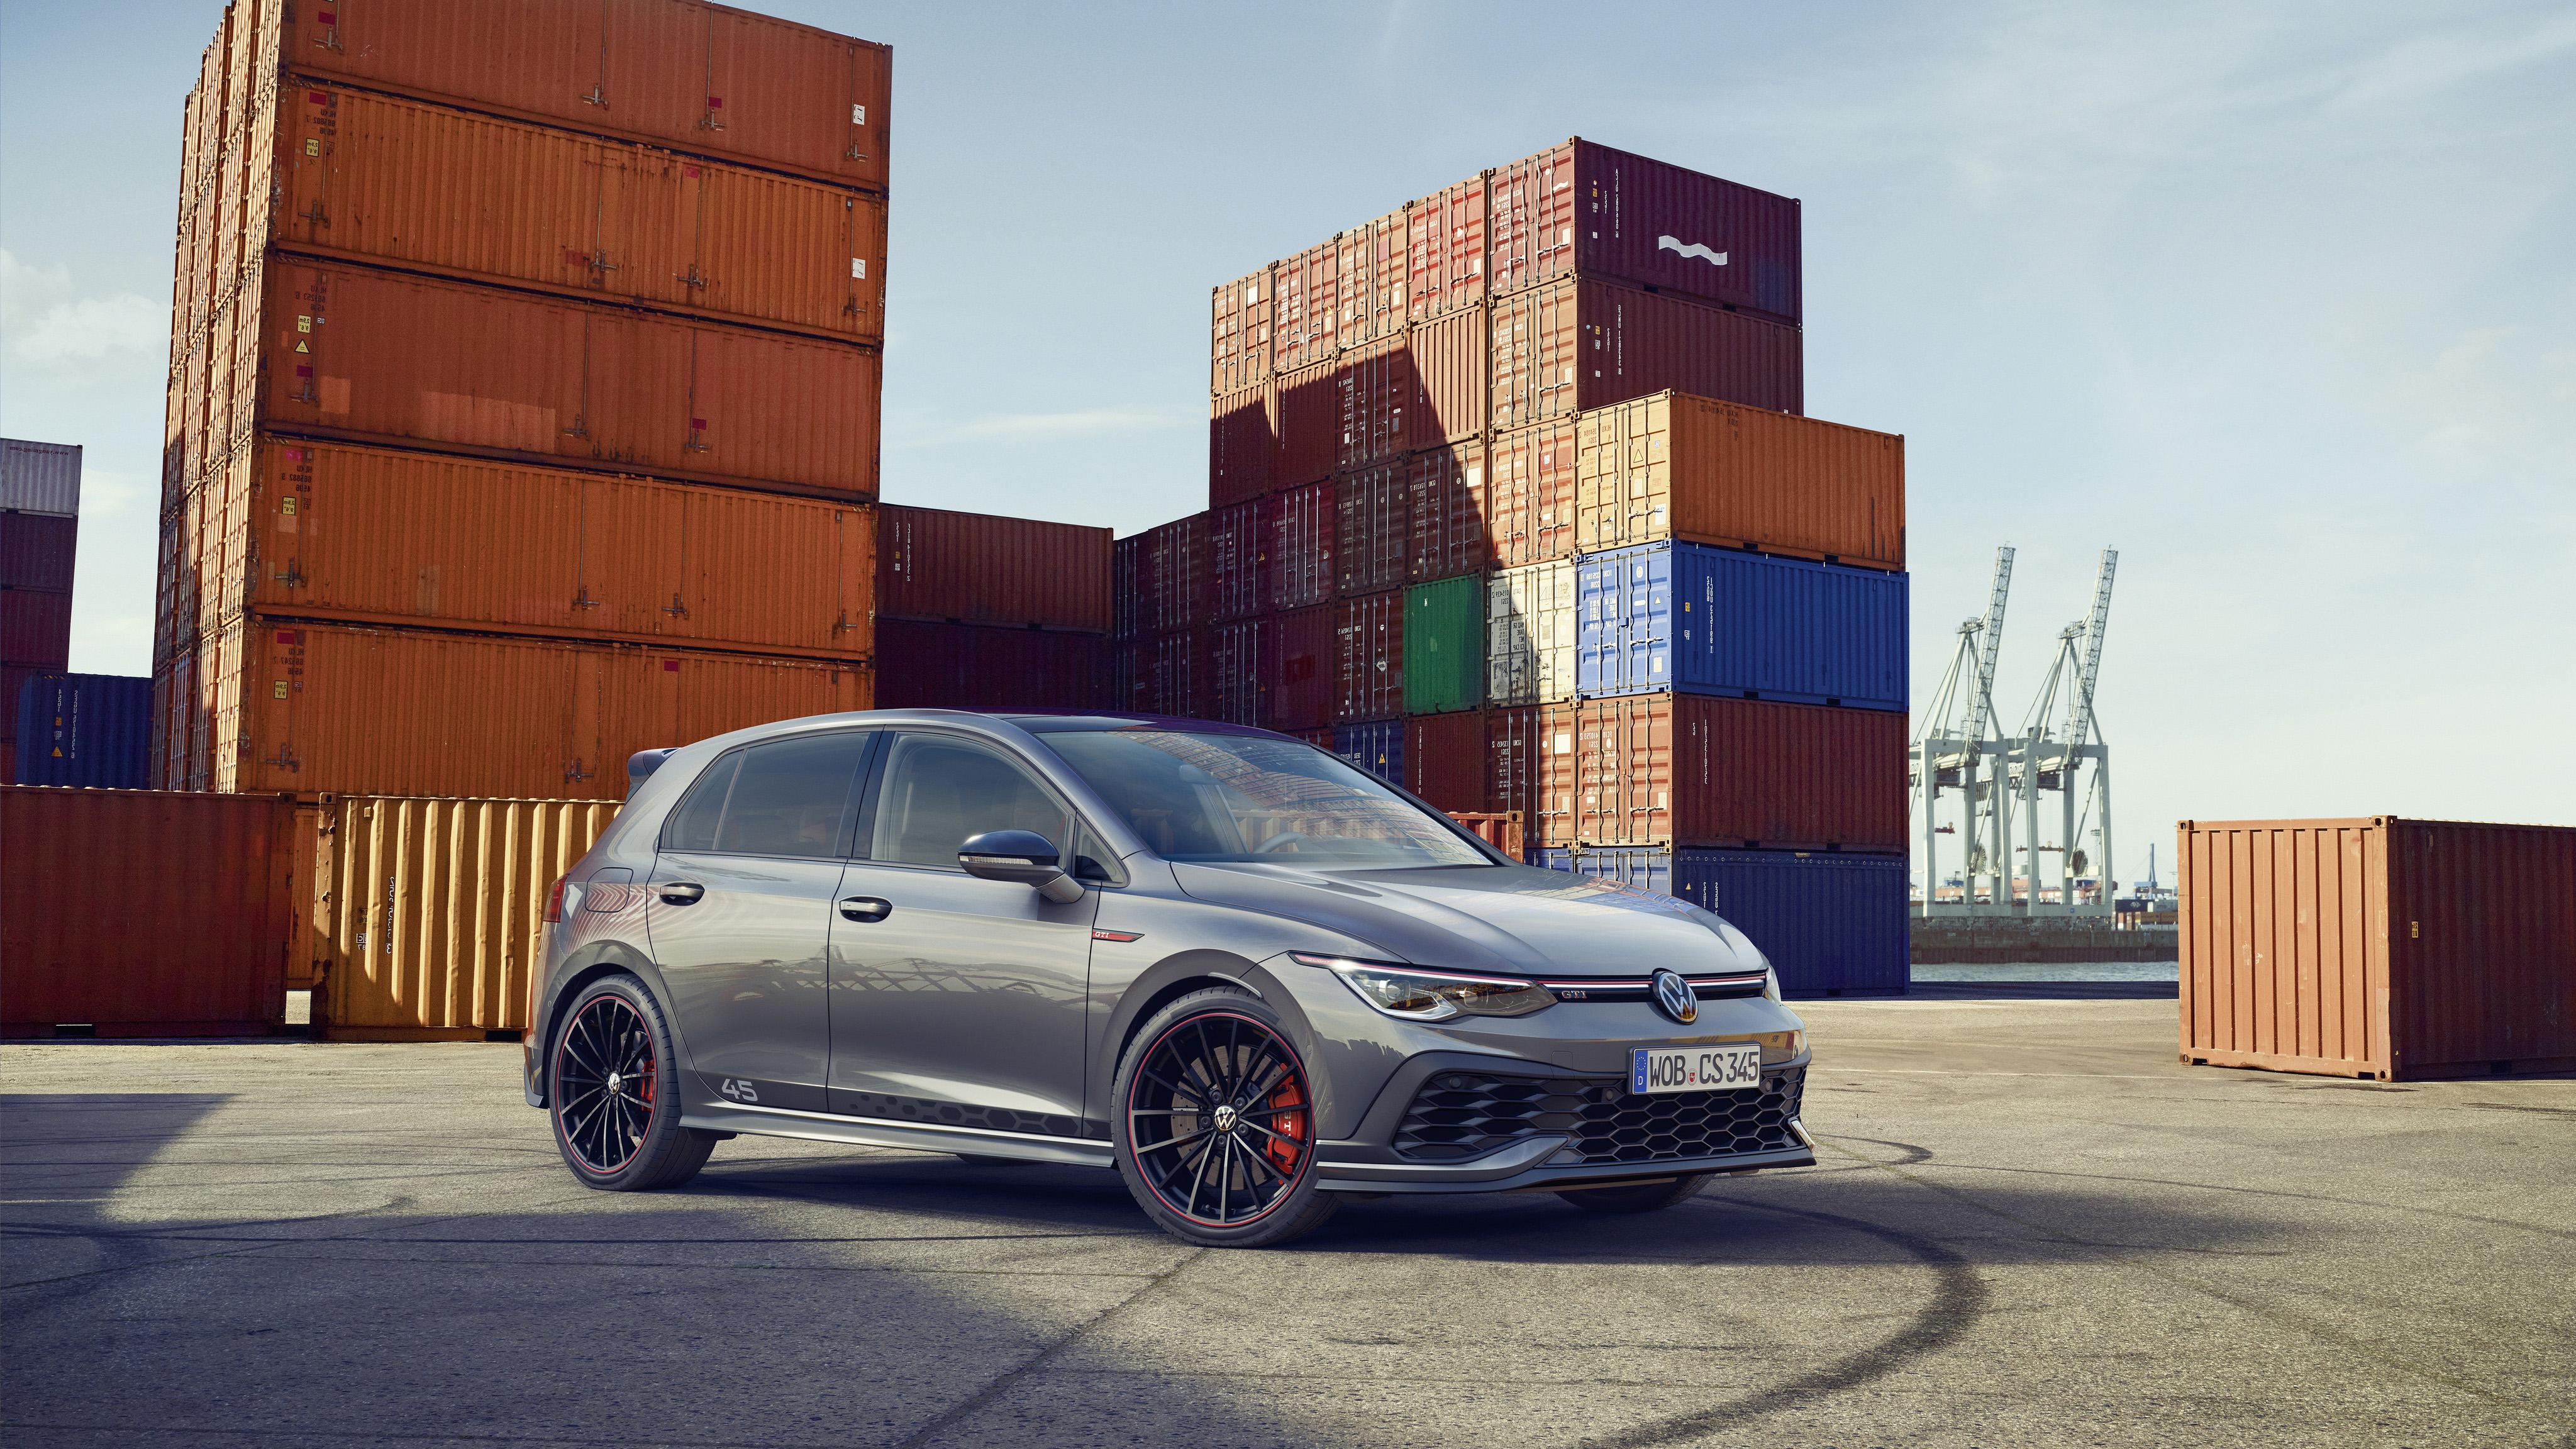 Bilikon fyller 45 år – Volkswagen lanserar jubileumsmodellen Golf GTI Clubsport Edition 45